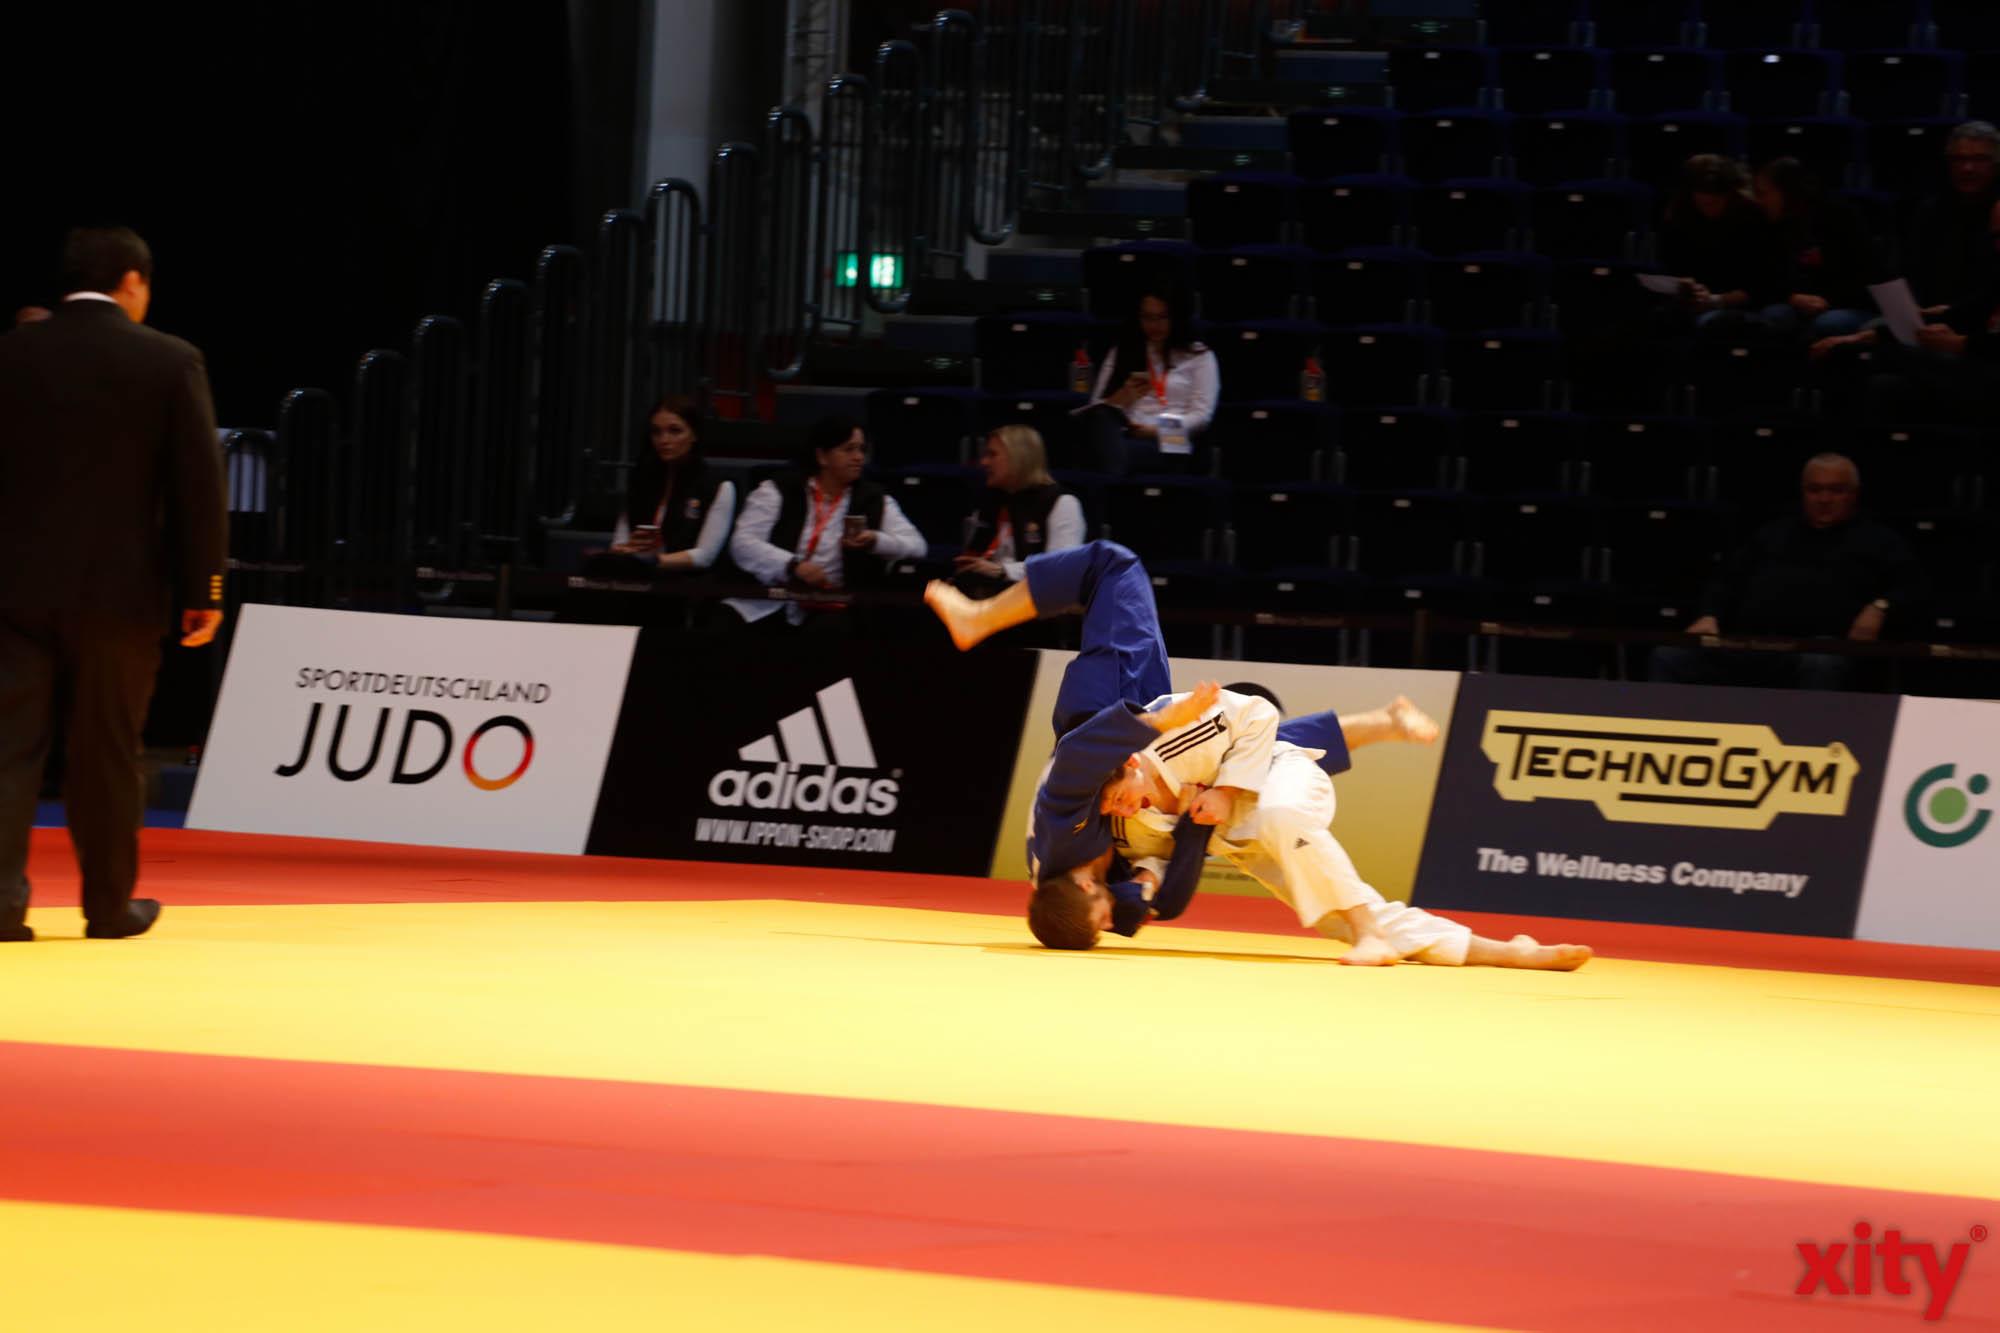 600 Judoka stehen auf der Matte (Foto: xity)